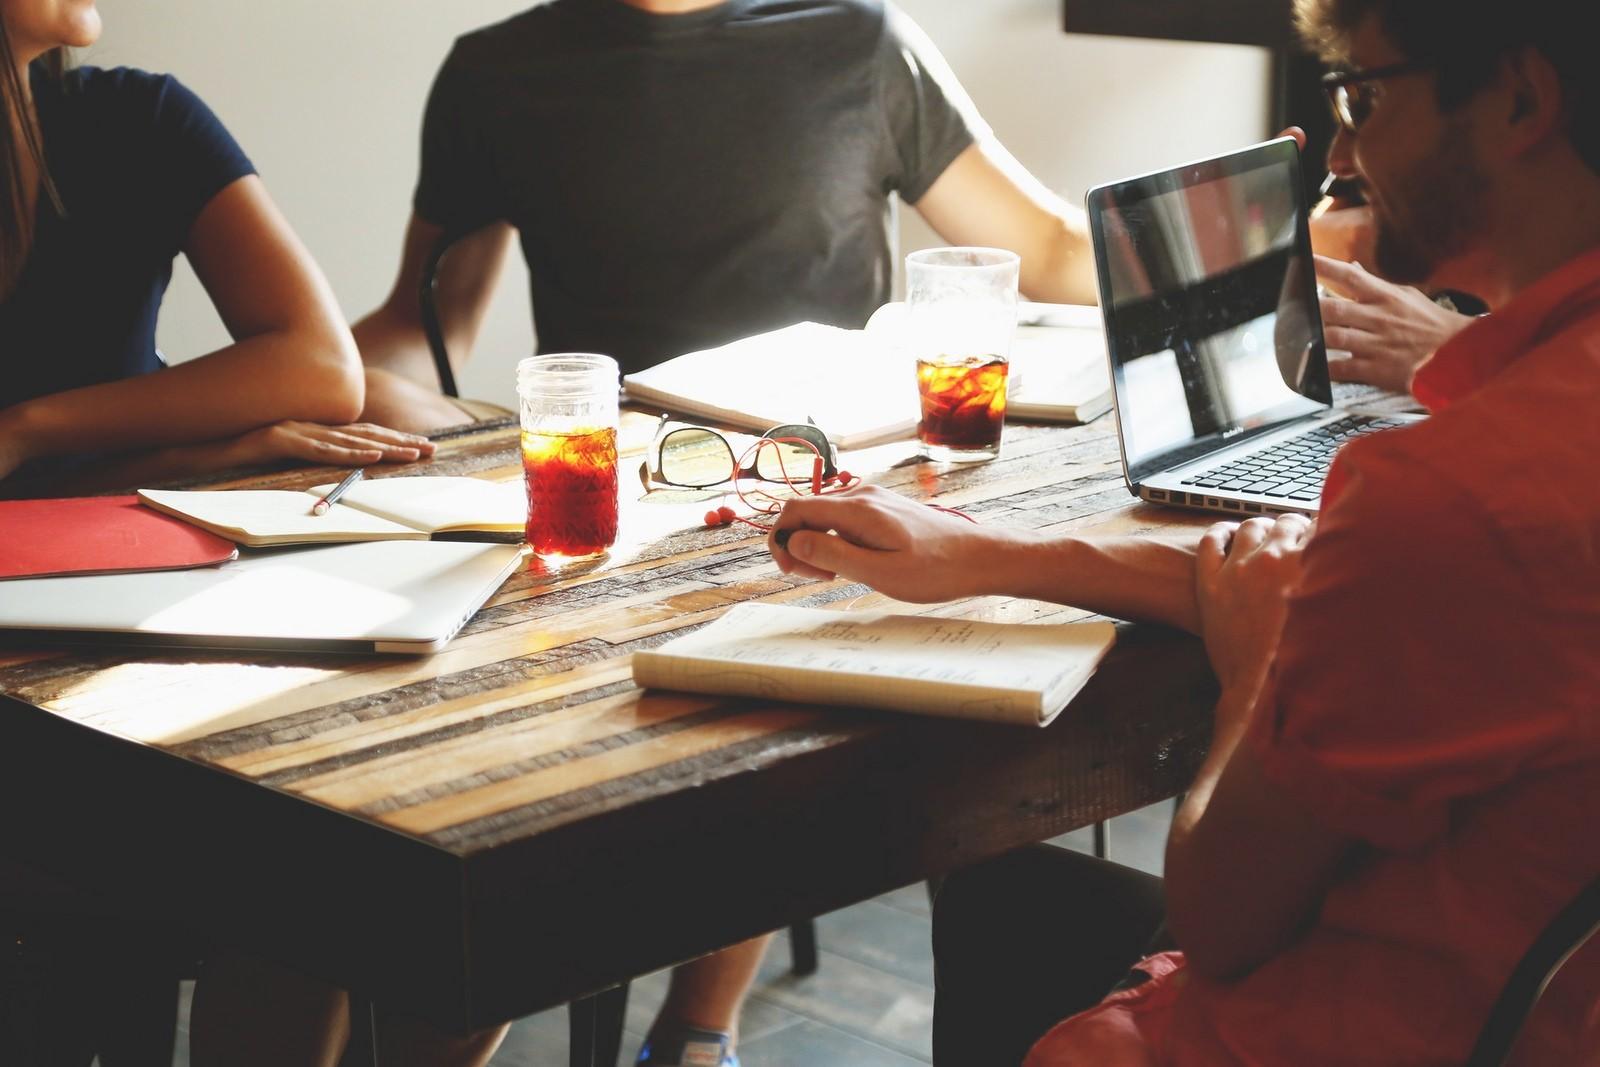 Veja algumas dicas de como se manter mais concentrado no trabalho (Foto: Flickr/Hamza Butt)